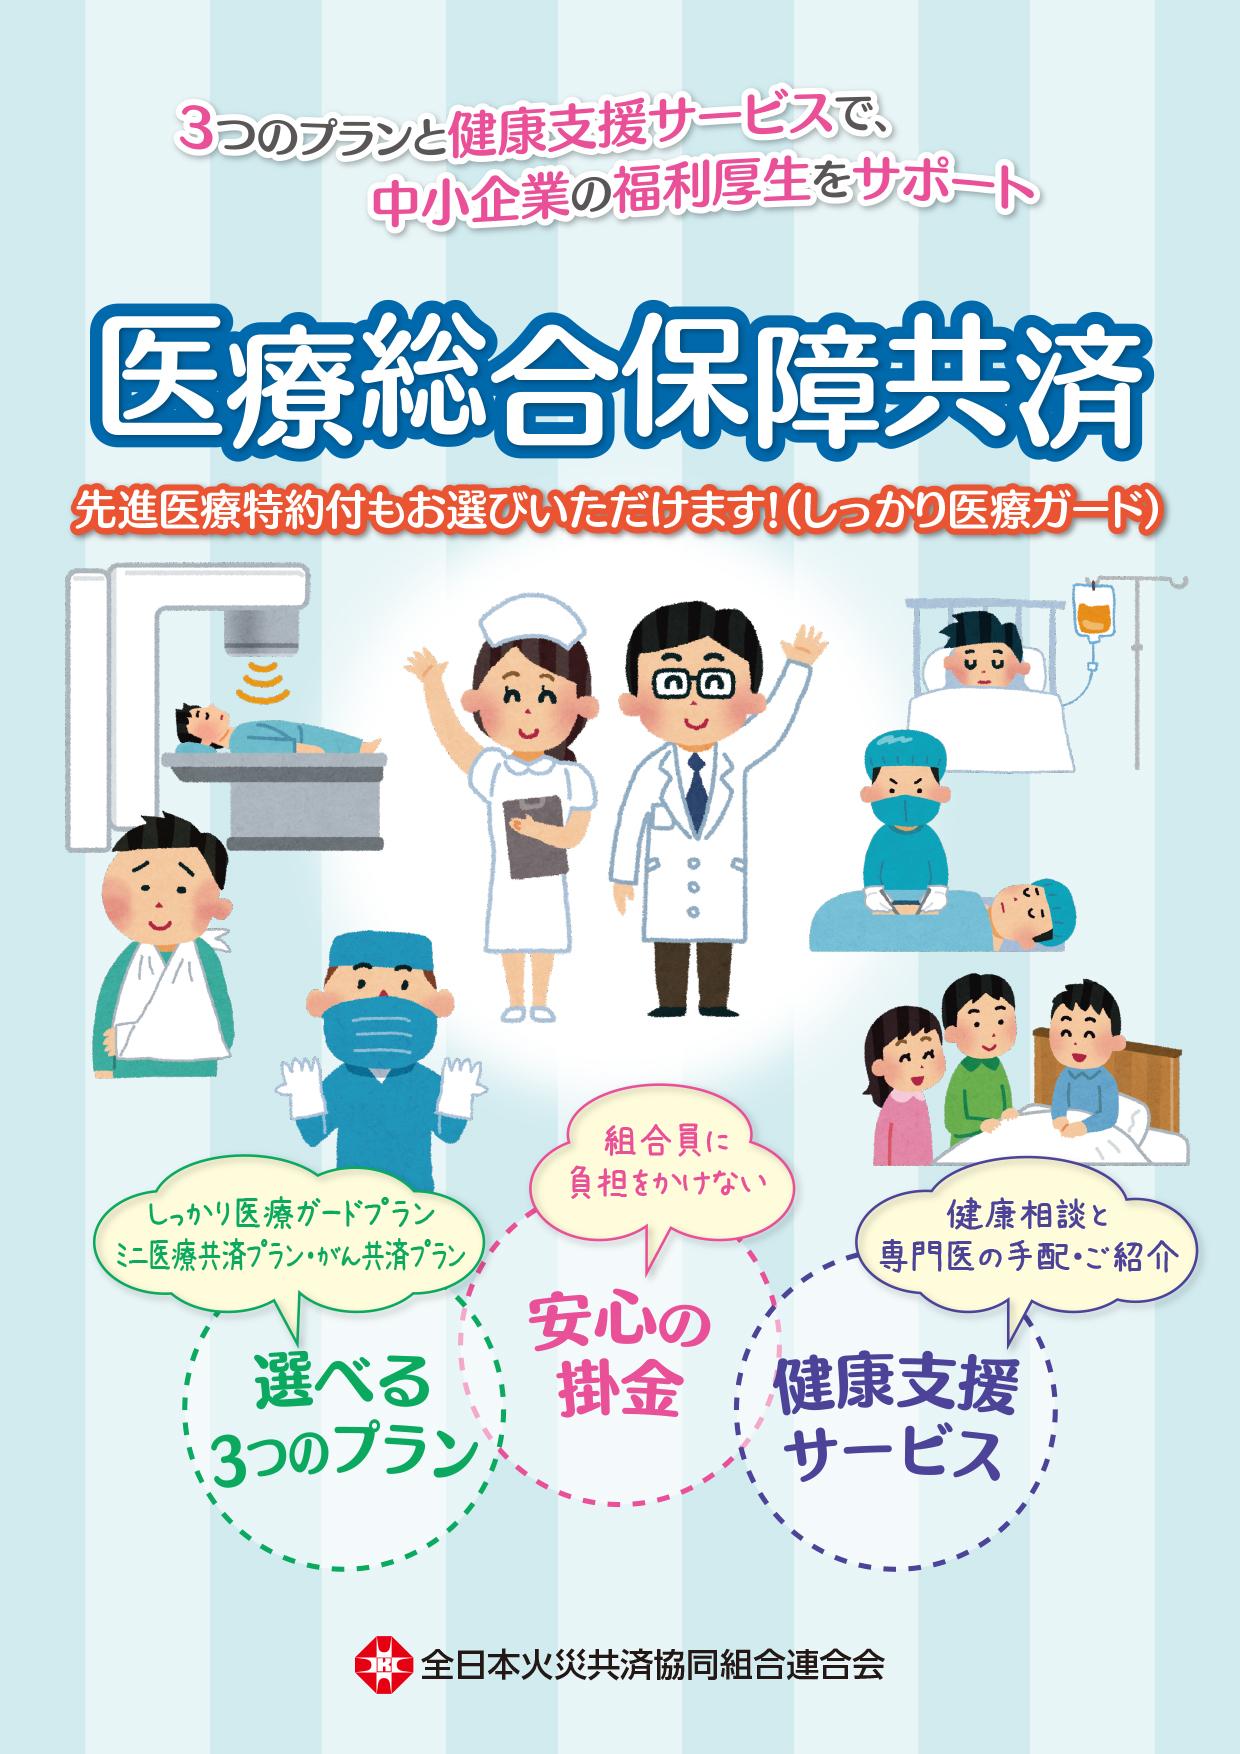 さいたま共済の医療総合保障共済パンフレット